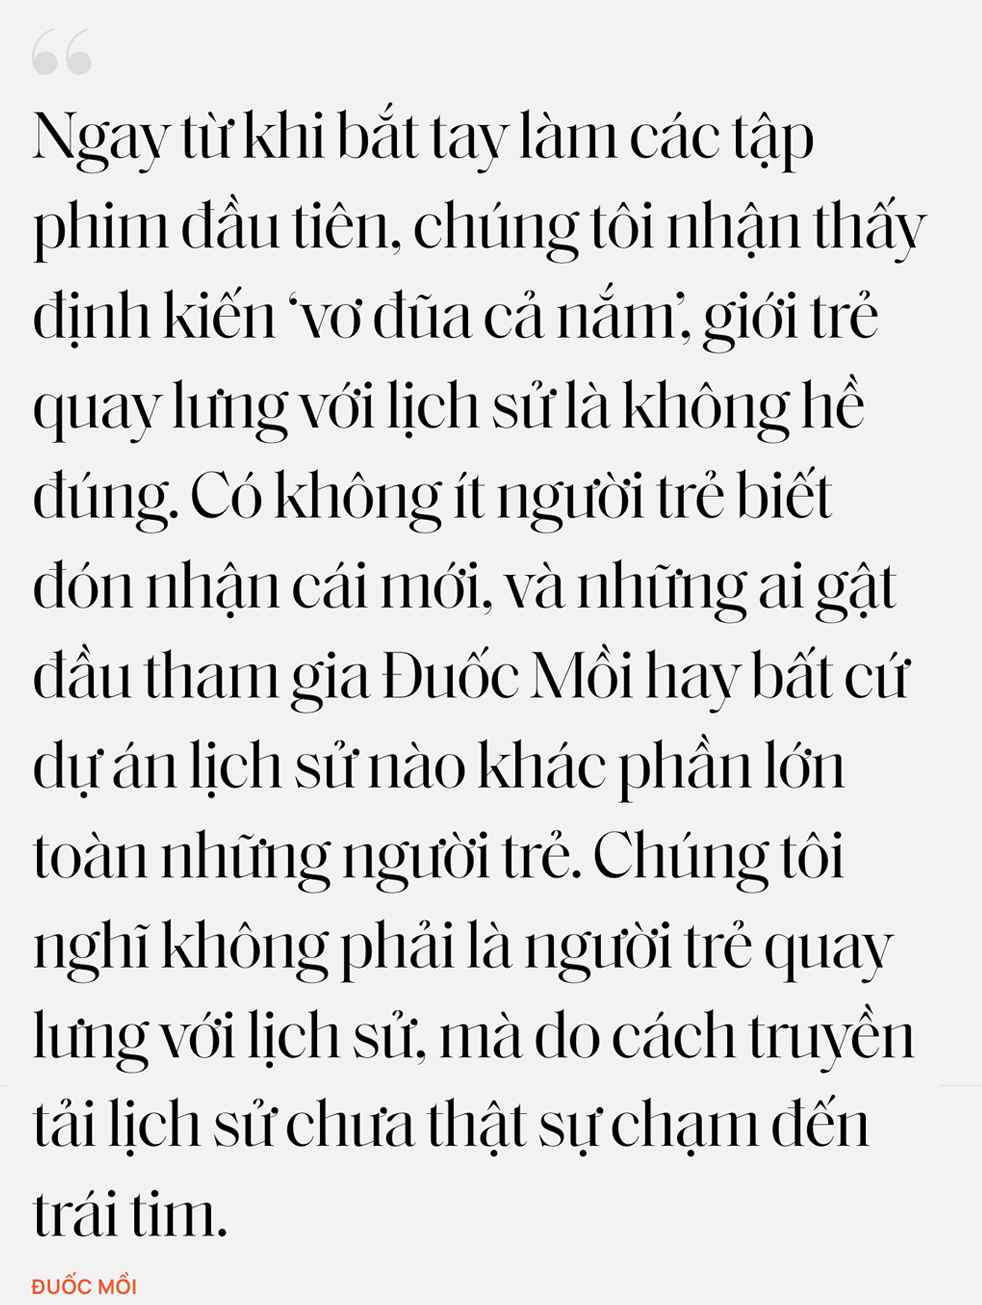 """Nhóm Đuốc Mồi và Việt Sử Kiêu Hùng: """"Nói giới trẻ quay lưng với lịch sử là không đúng, thành công của Bình Ngô Đại Chiến chính là minh chứng"""" - Ảnh 16."""